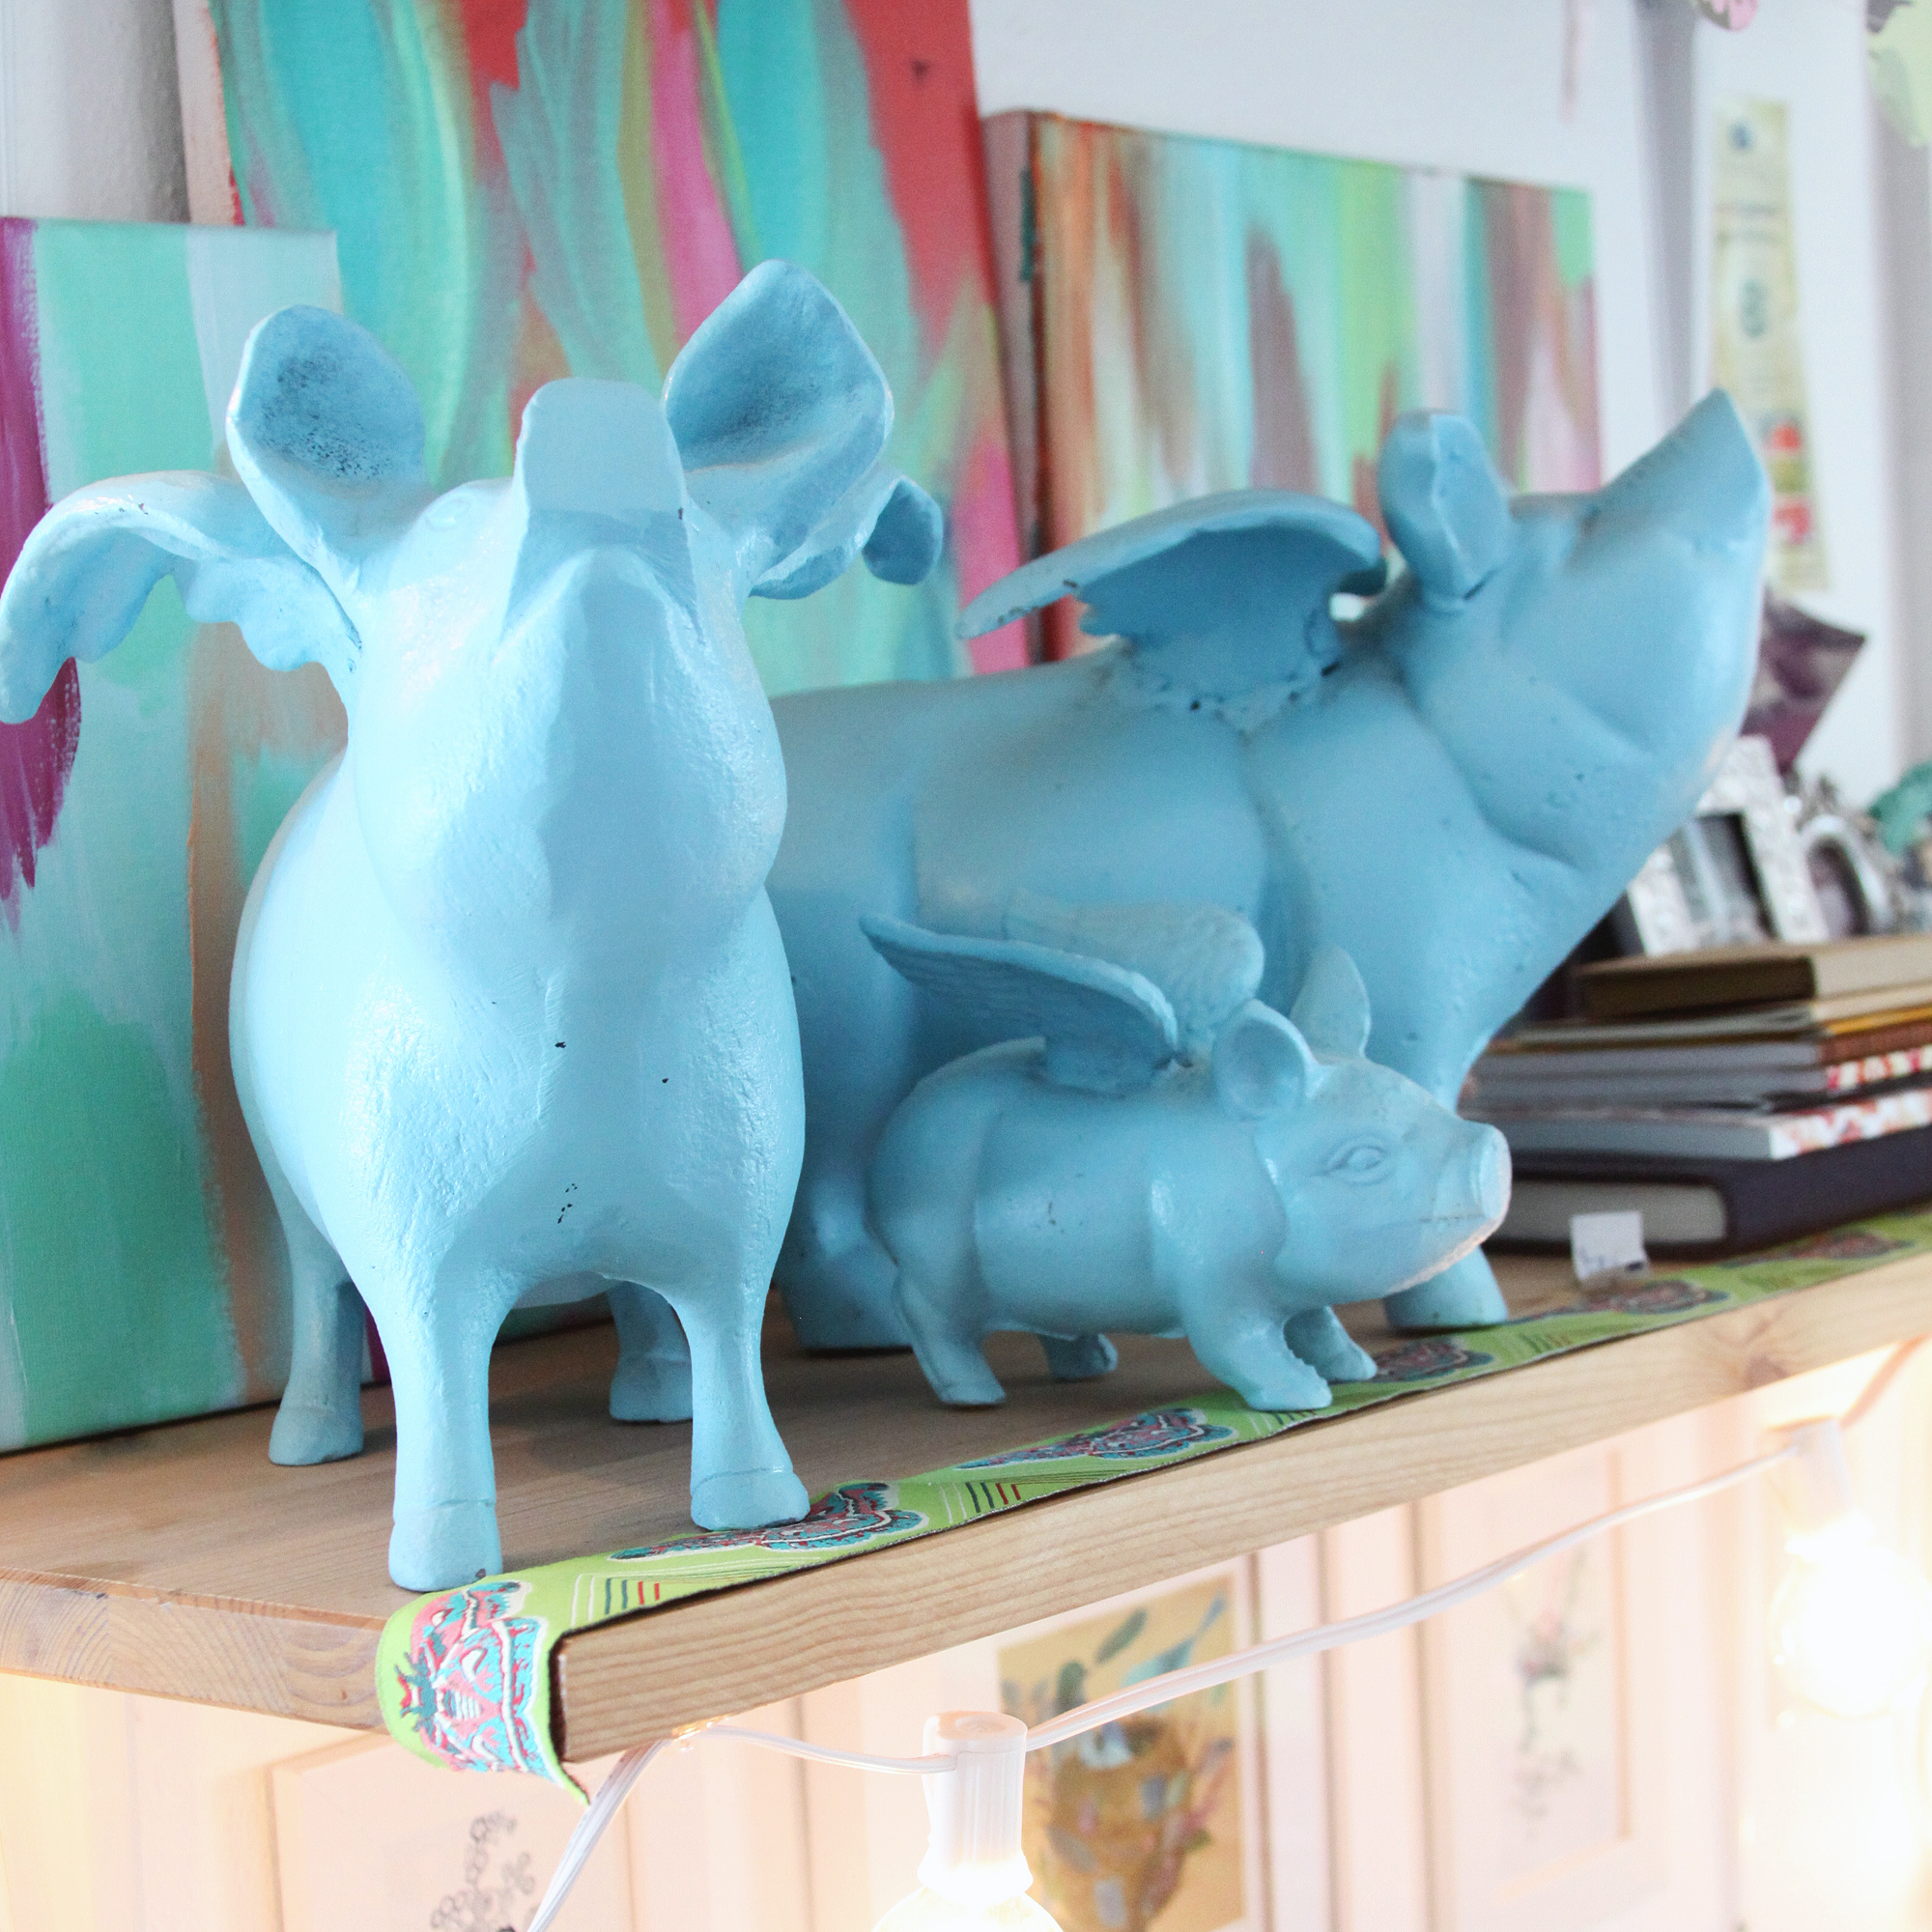 Flying pigs bring me joy in my studio